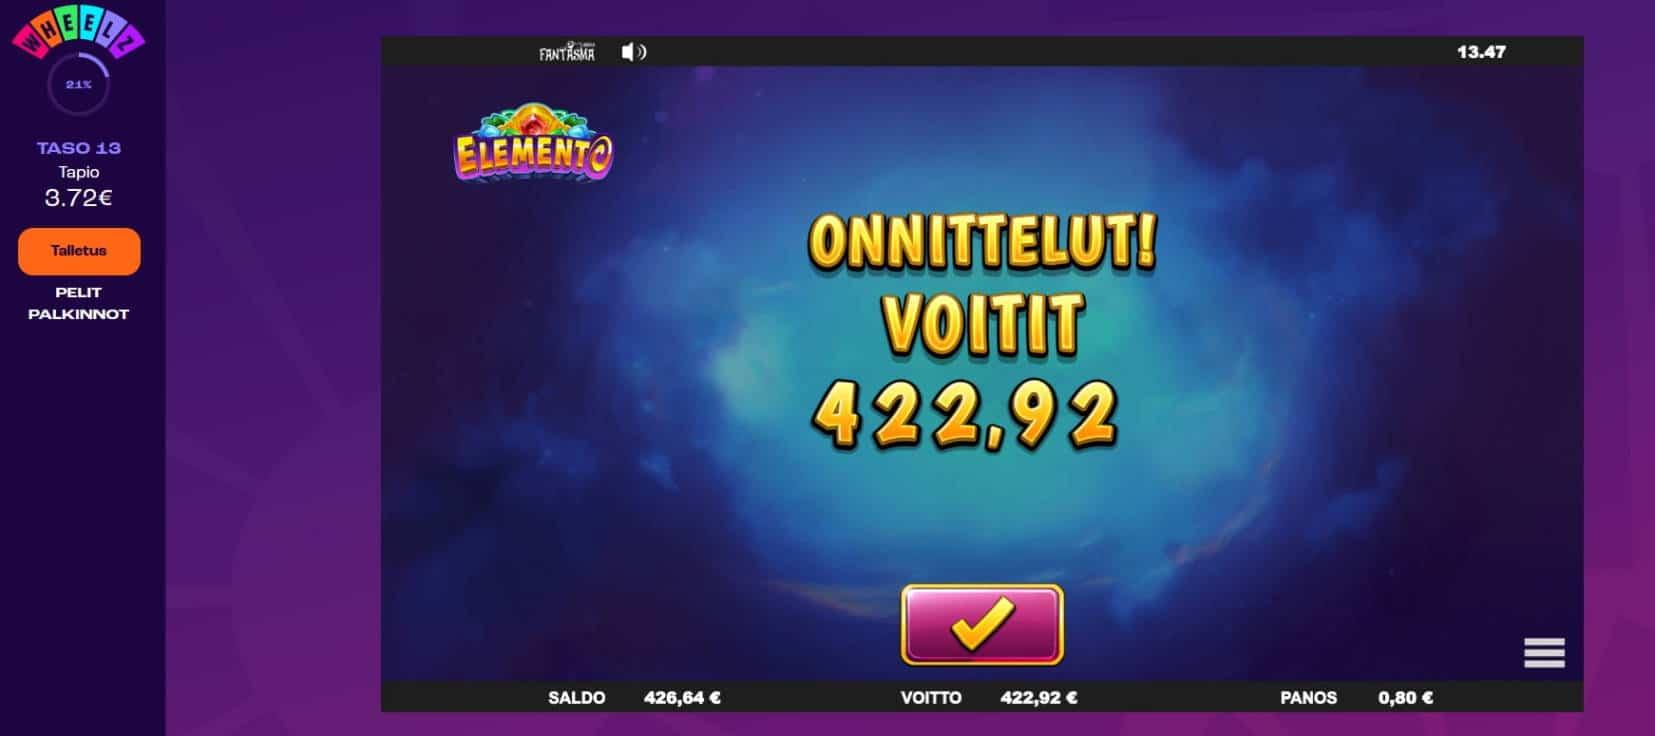 Elemento Casino win picture by Mrmork666 28.4.2021 422.92e 529X Wheelz